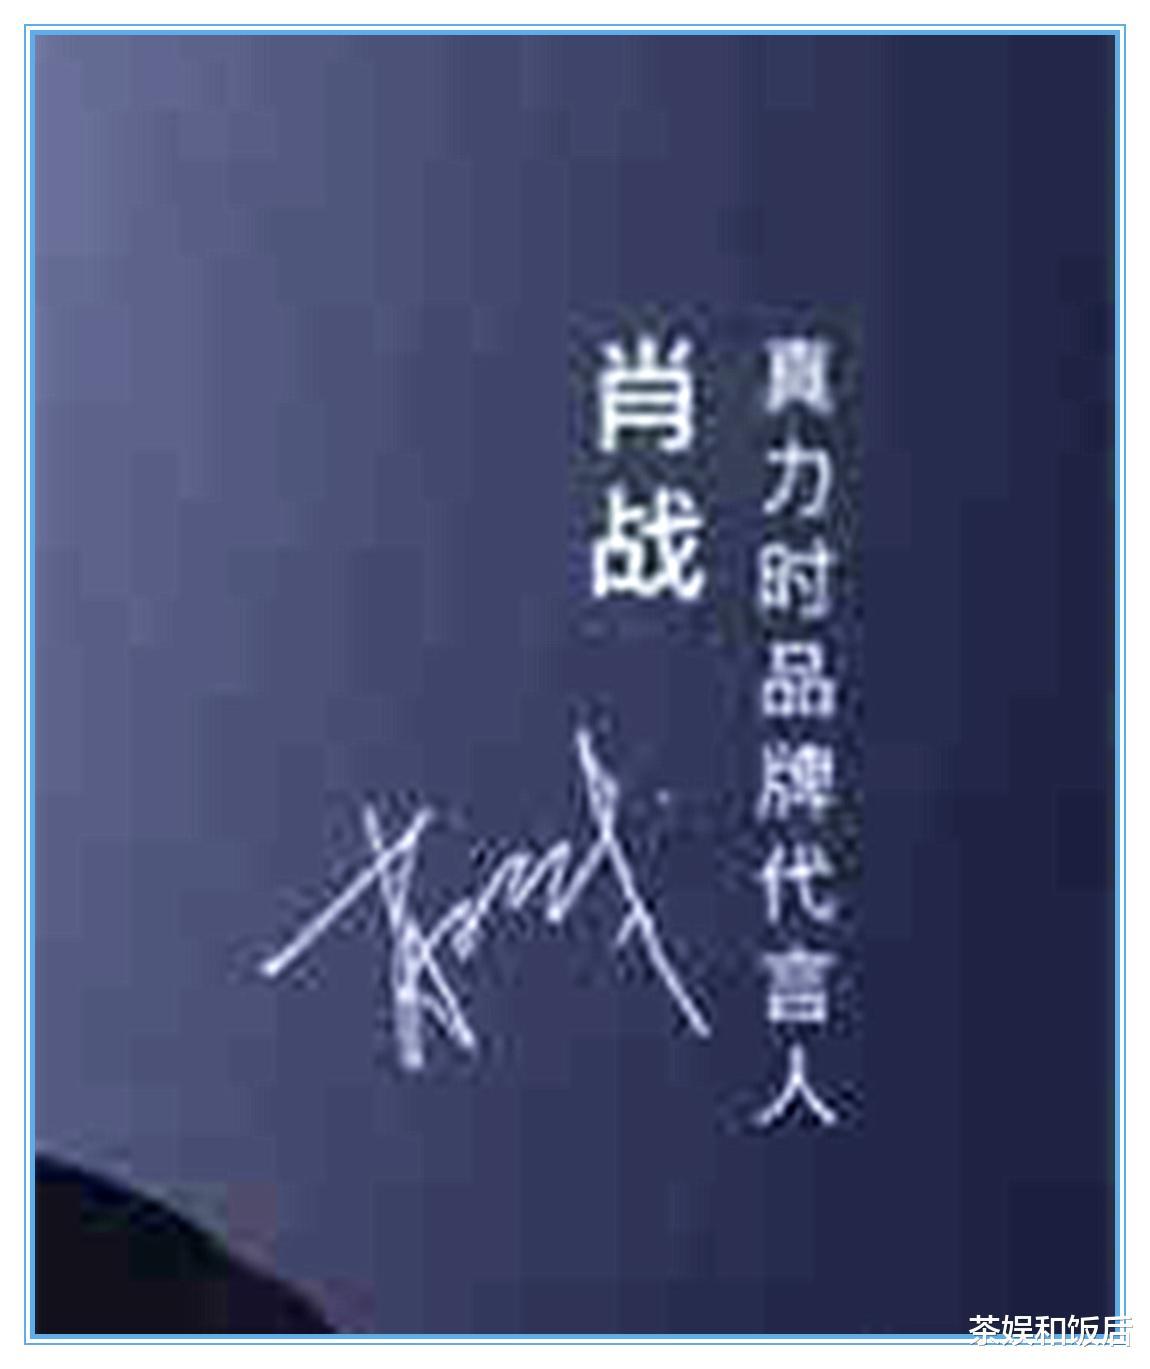 """""""跳級式""""越過考察期, 肖戰拿下藍血最高title, 兩個頂奢要來瞭-圖12"""